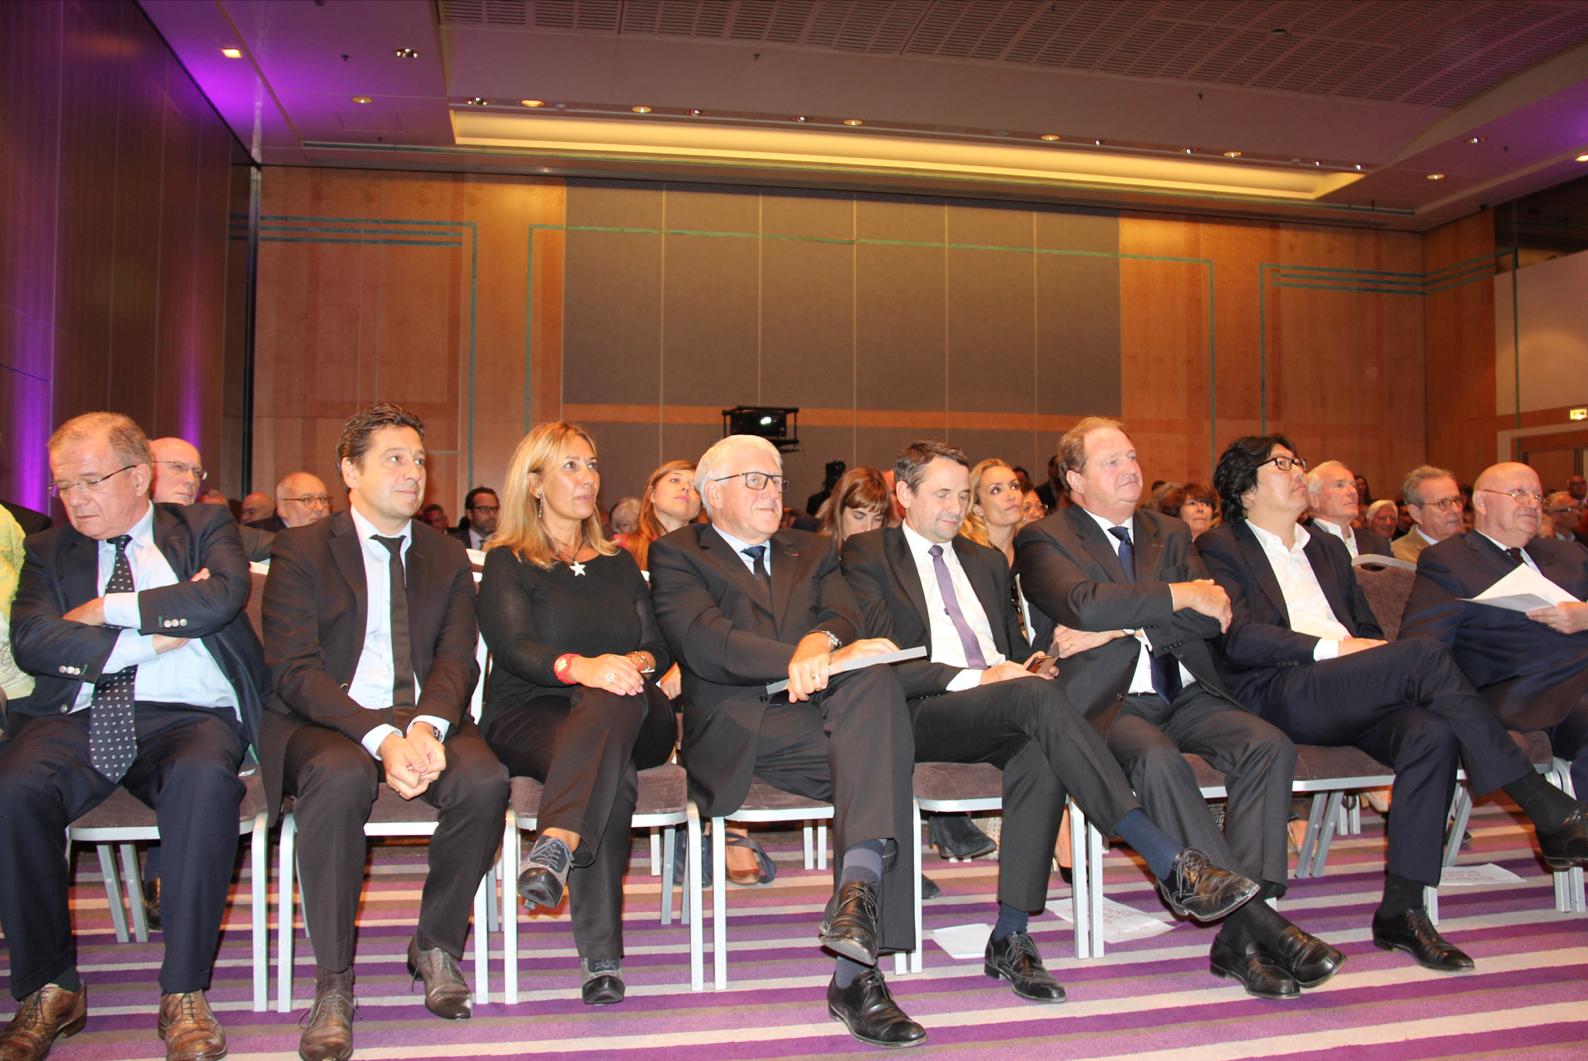 Dominique de Montvalon, Laurent Gerra, Isabelle Bourdet, Guy Delcourt, Thierry Mandon, Pierre Charon, Jean-Vincent Placé, André Santini